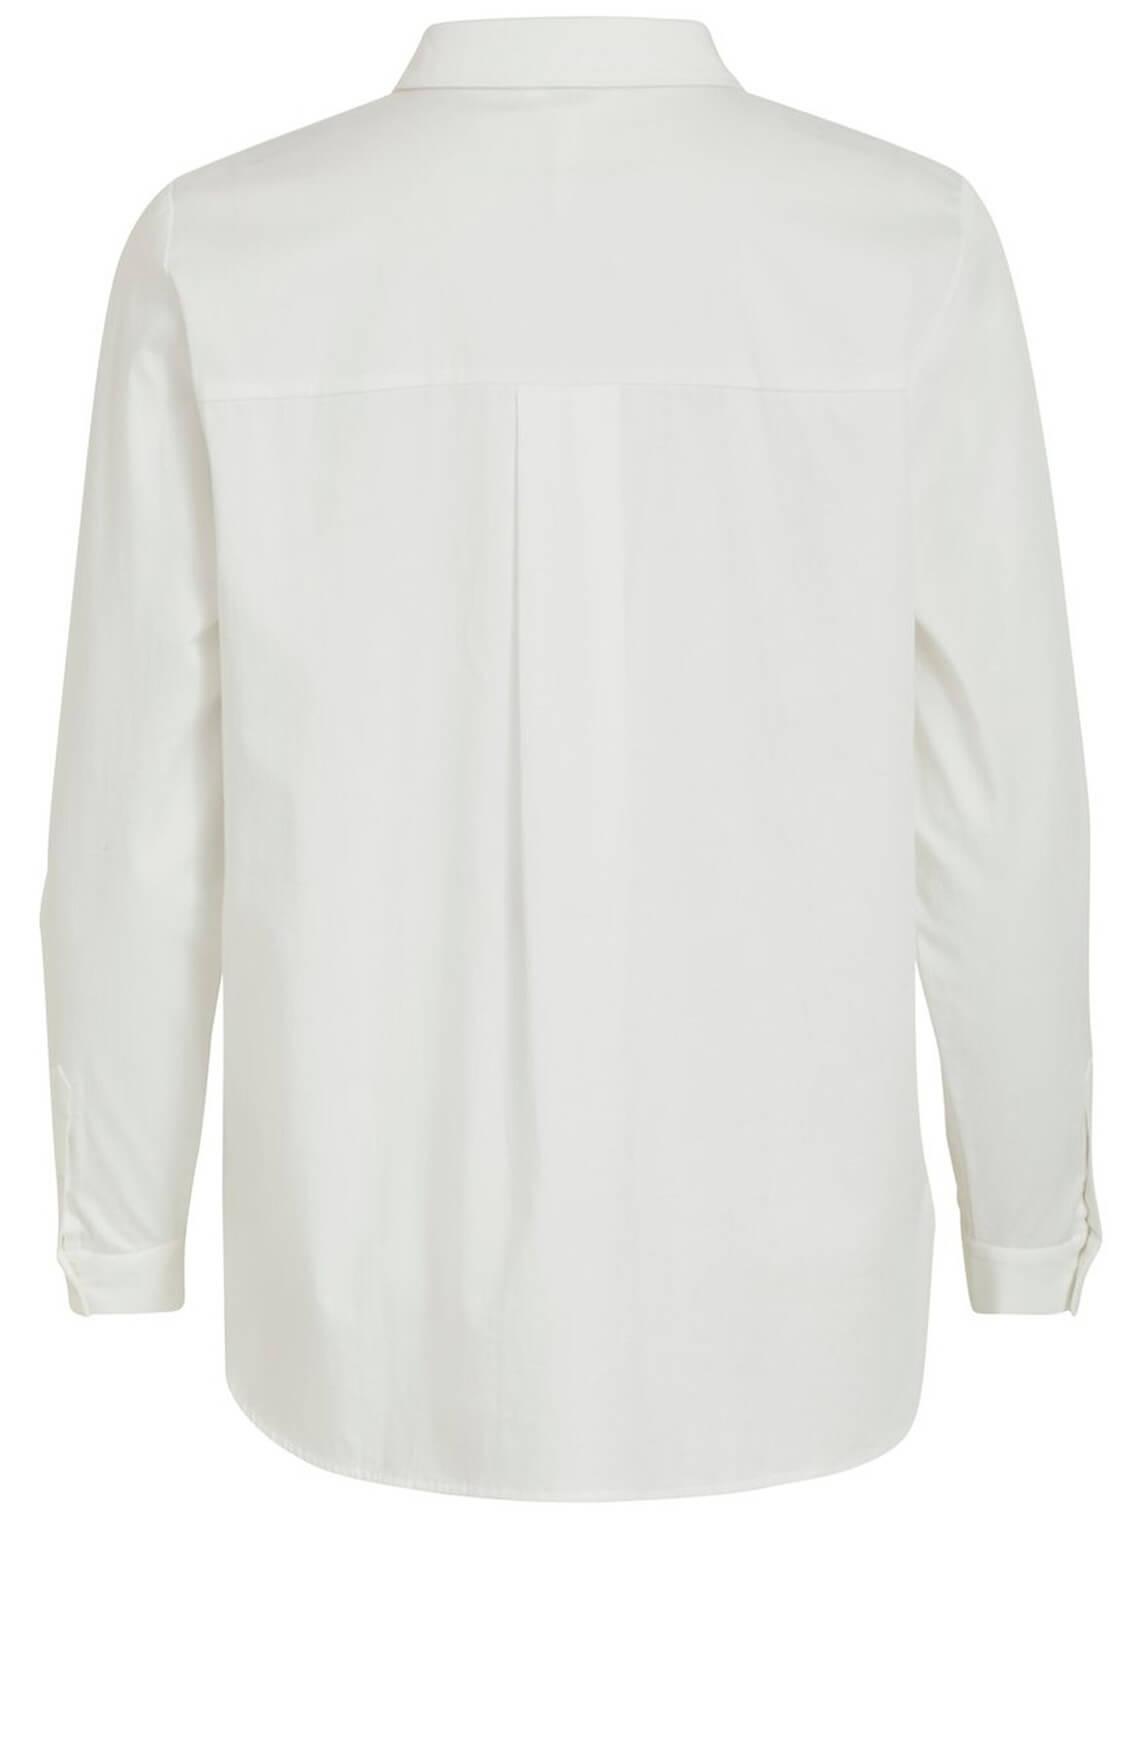 Object Dames Roxa blouse wit